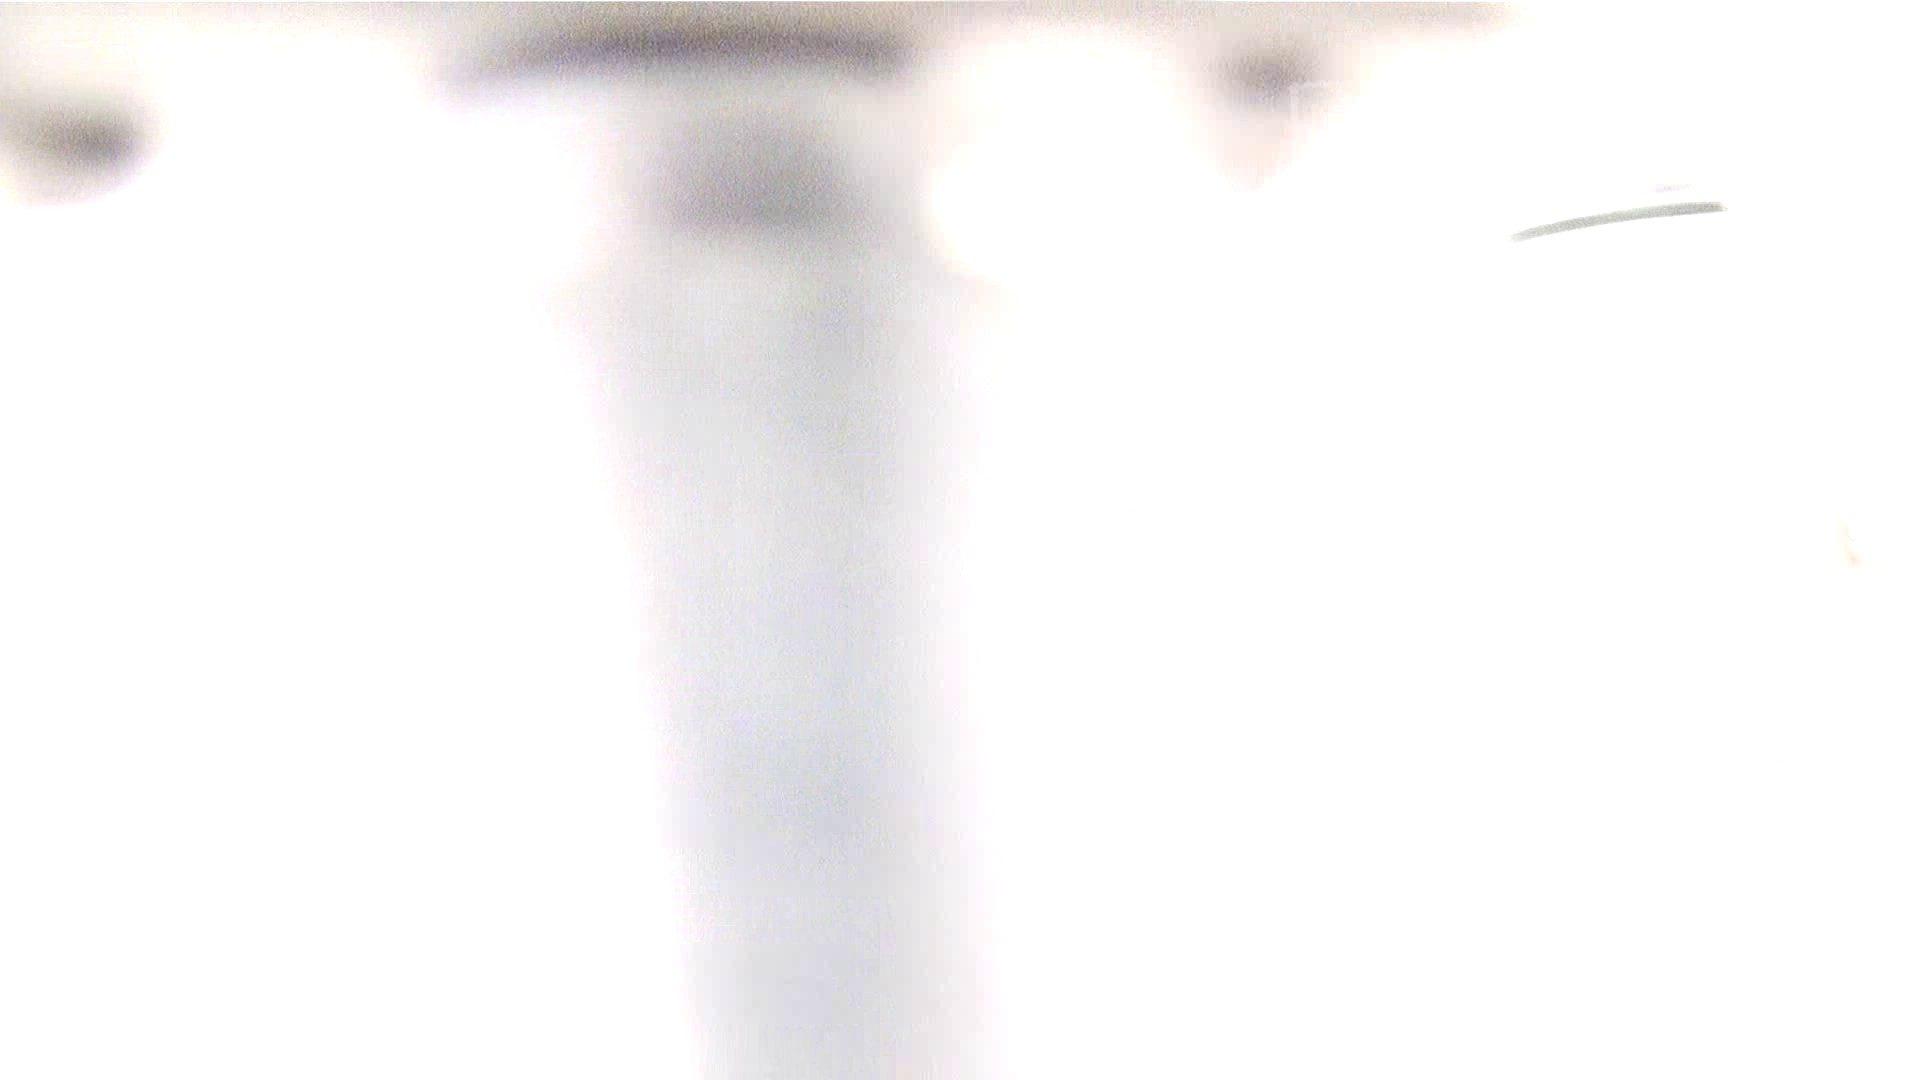 ※100個限定販売 至高下半身盗撮 プレミアム Vol.28 ハイビジョン 盗撮  100pic 10